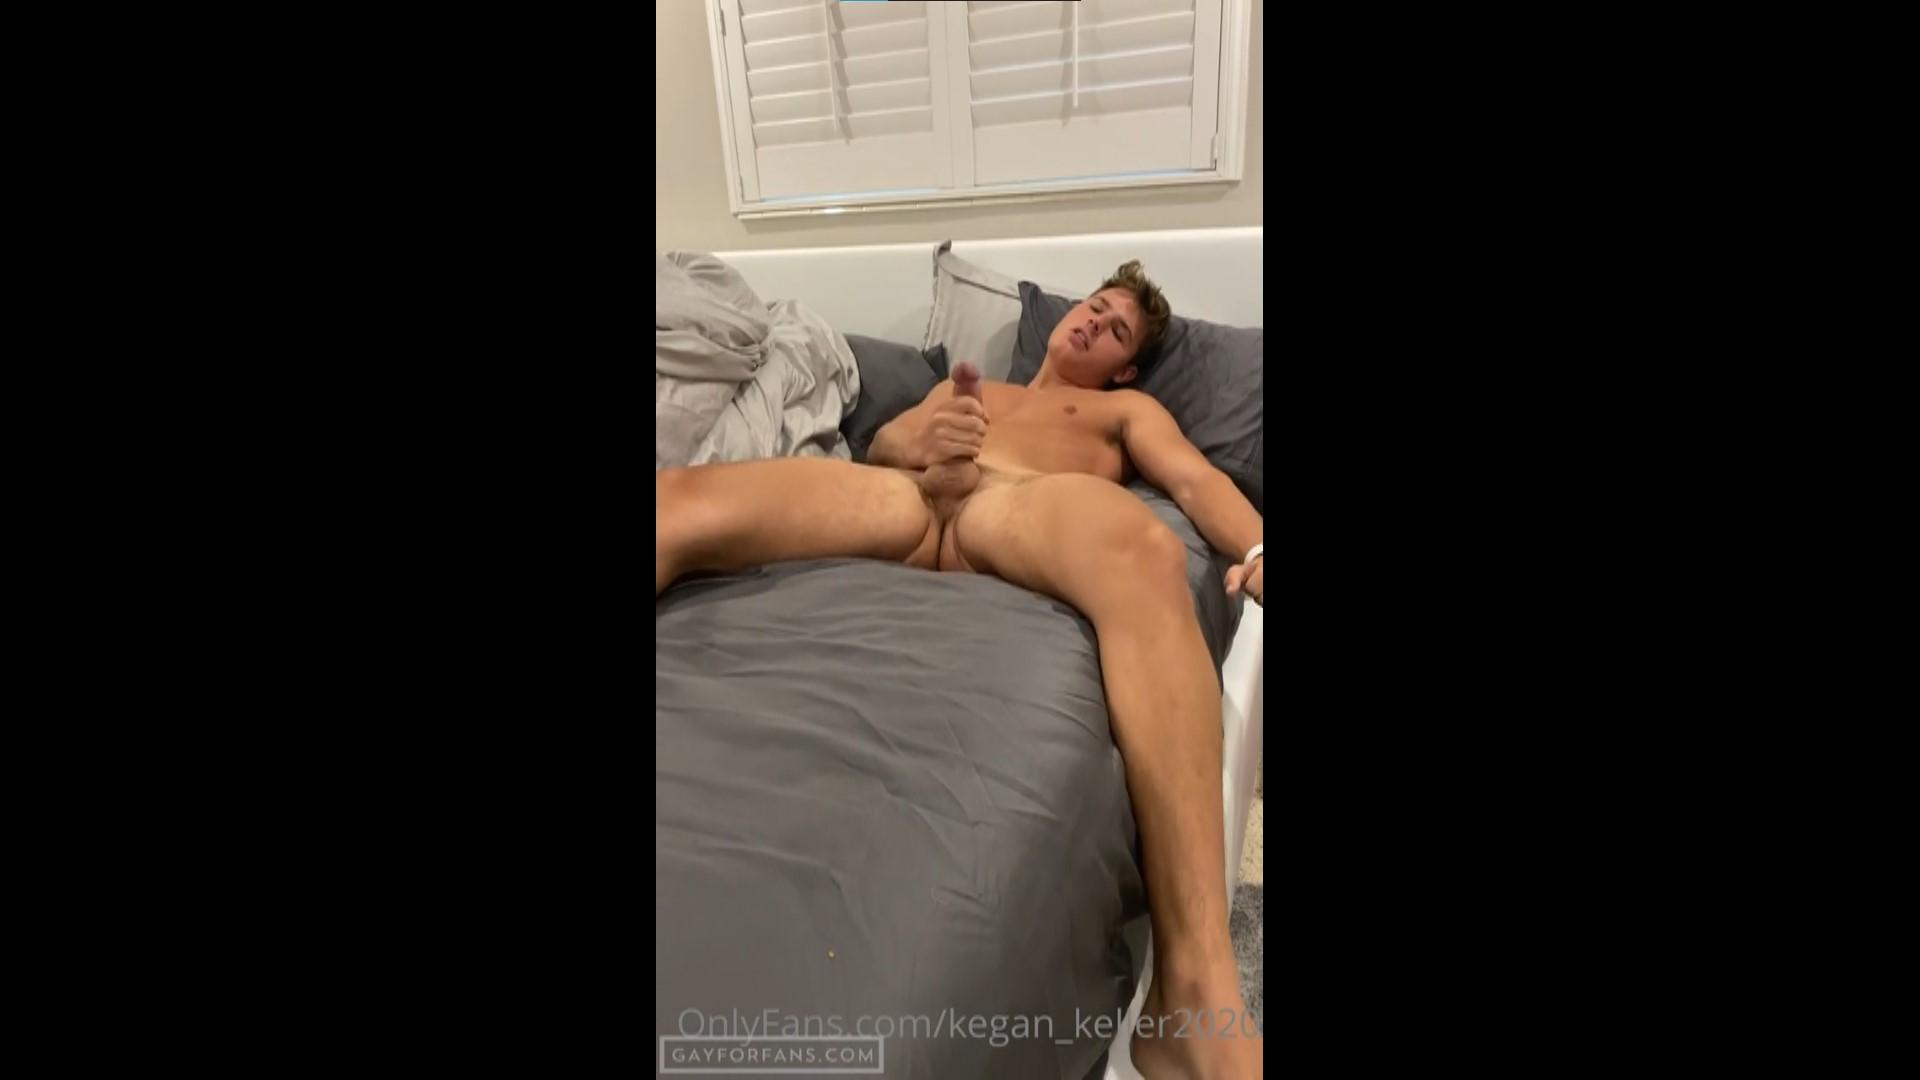 Jerking And Cumming To Porn - kegan_keller2020